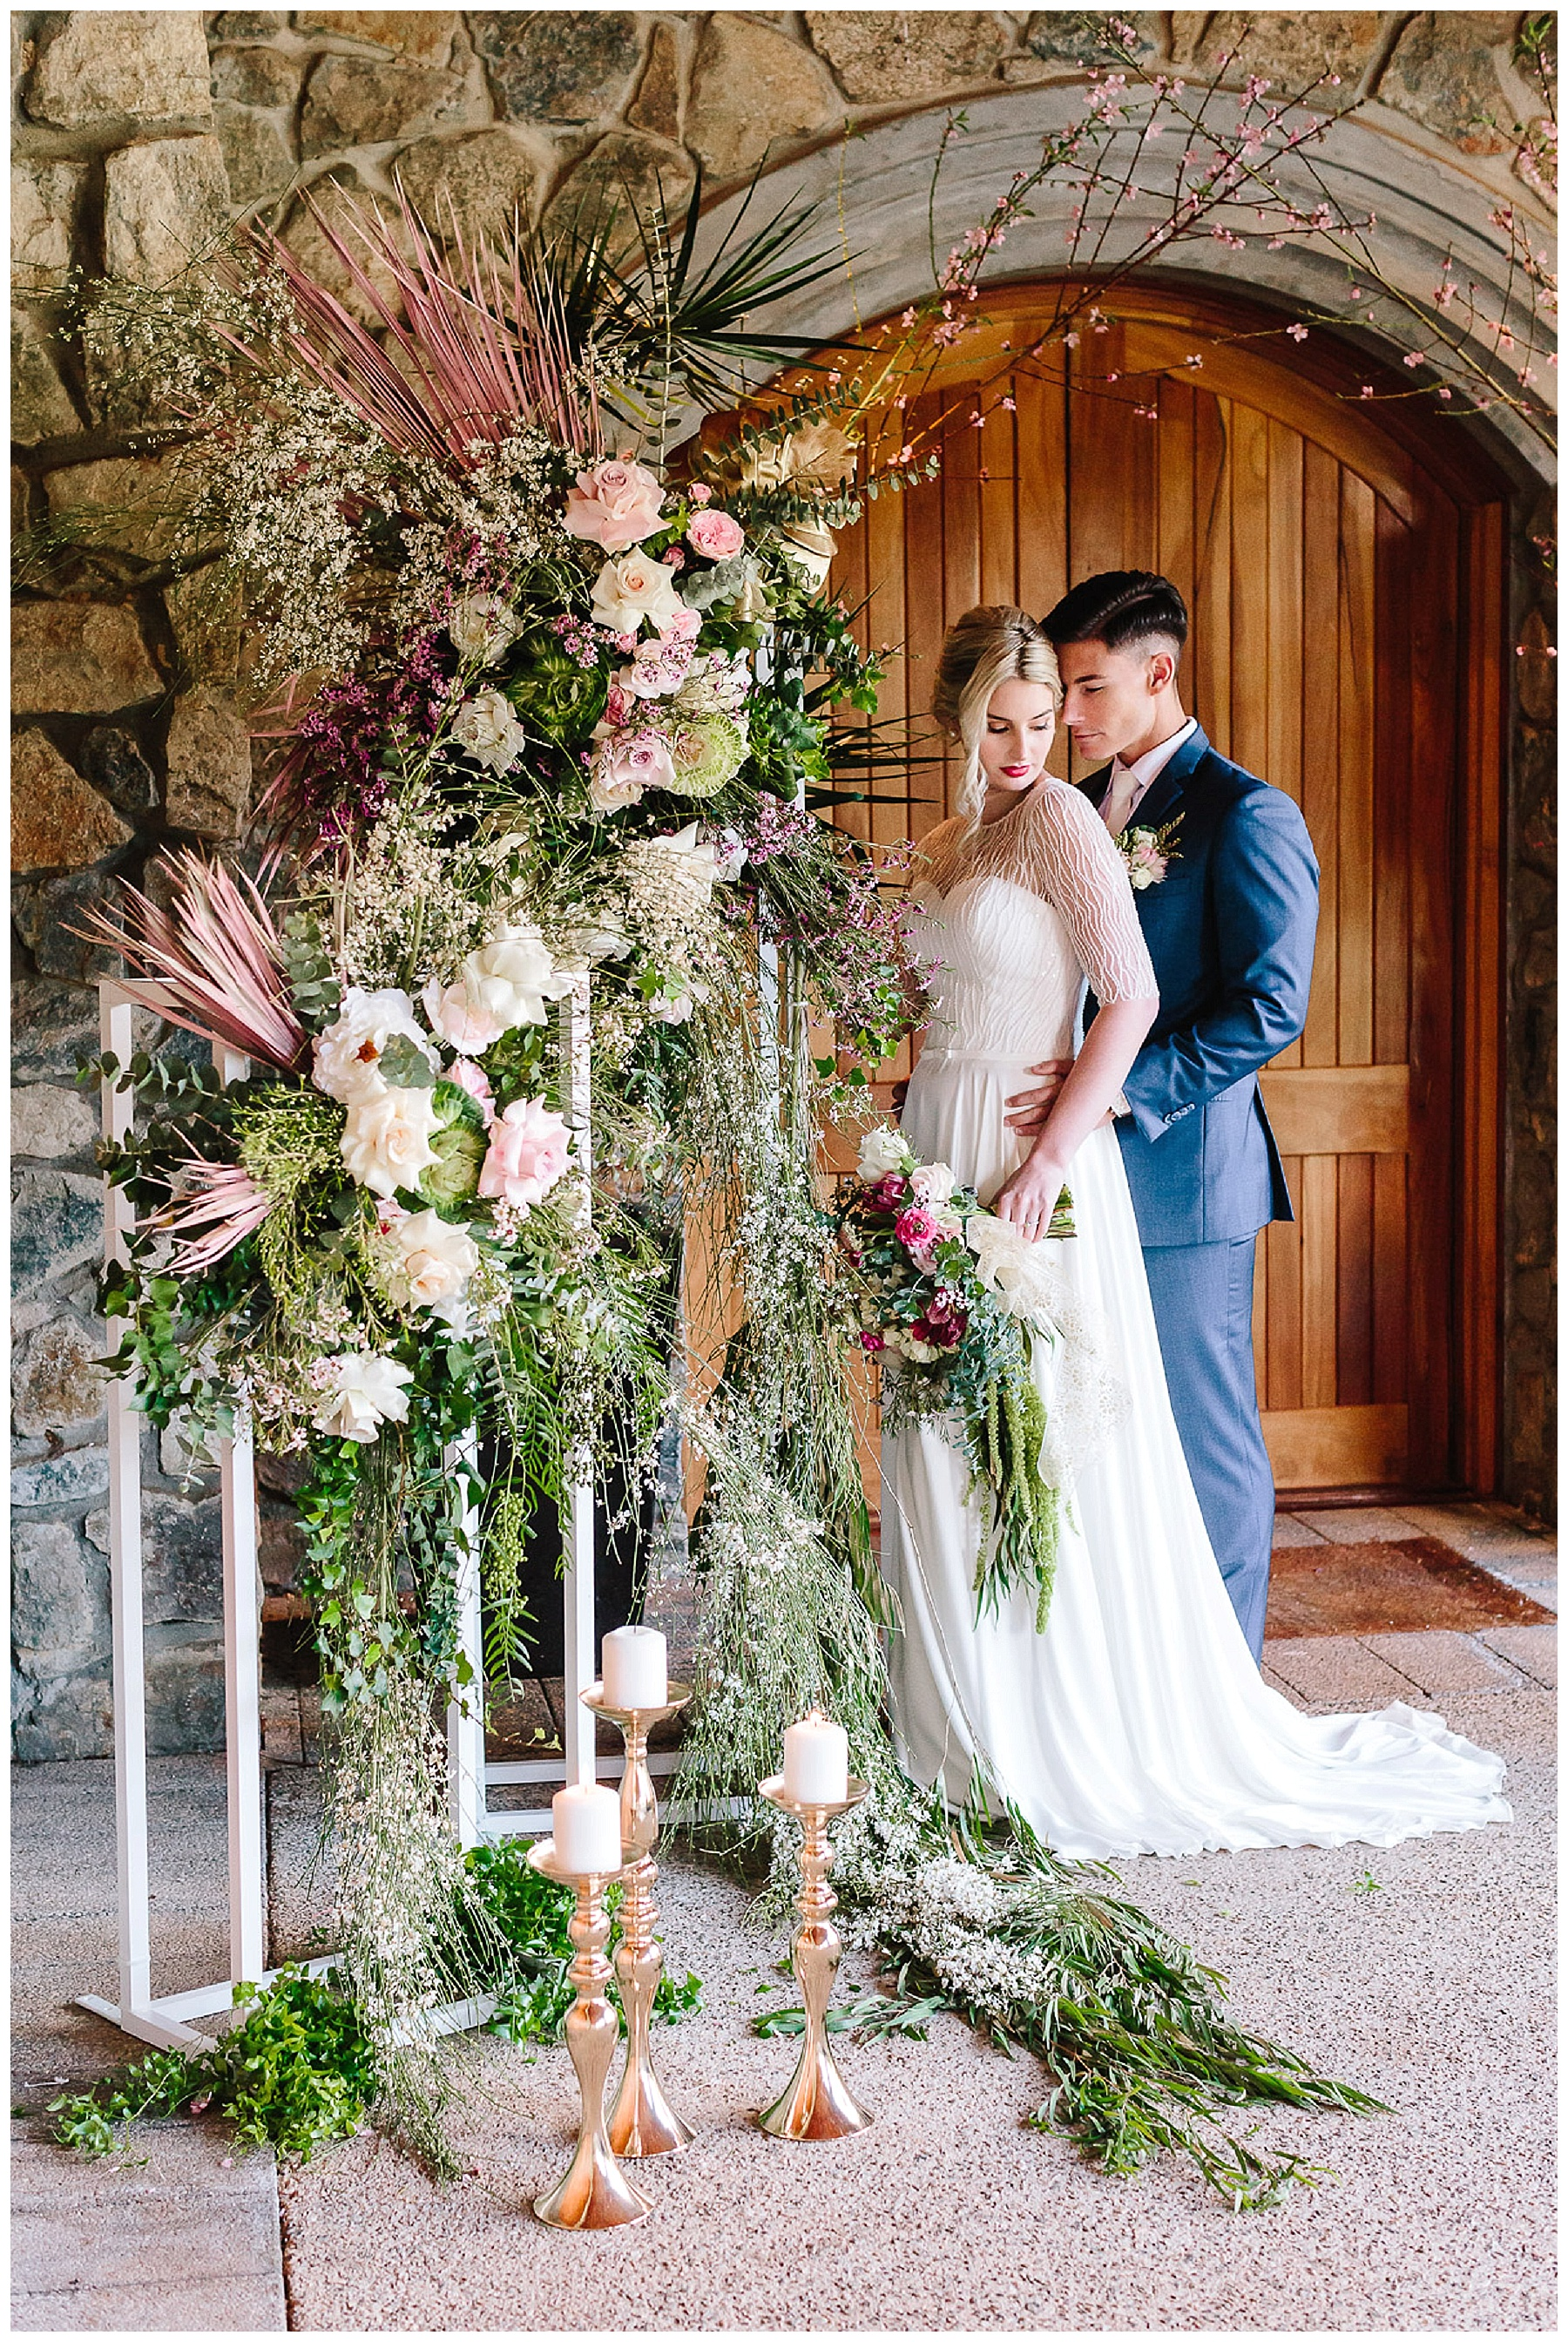 Wedding venue Jarrahdale